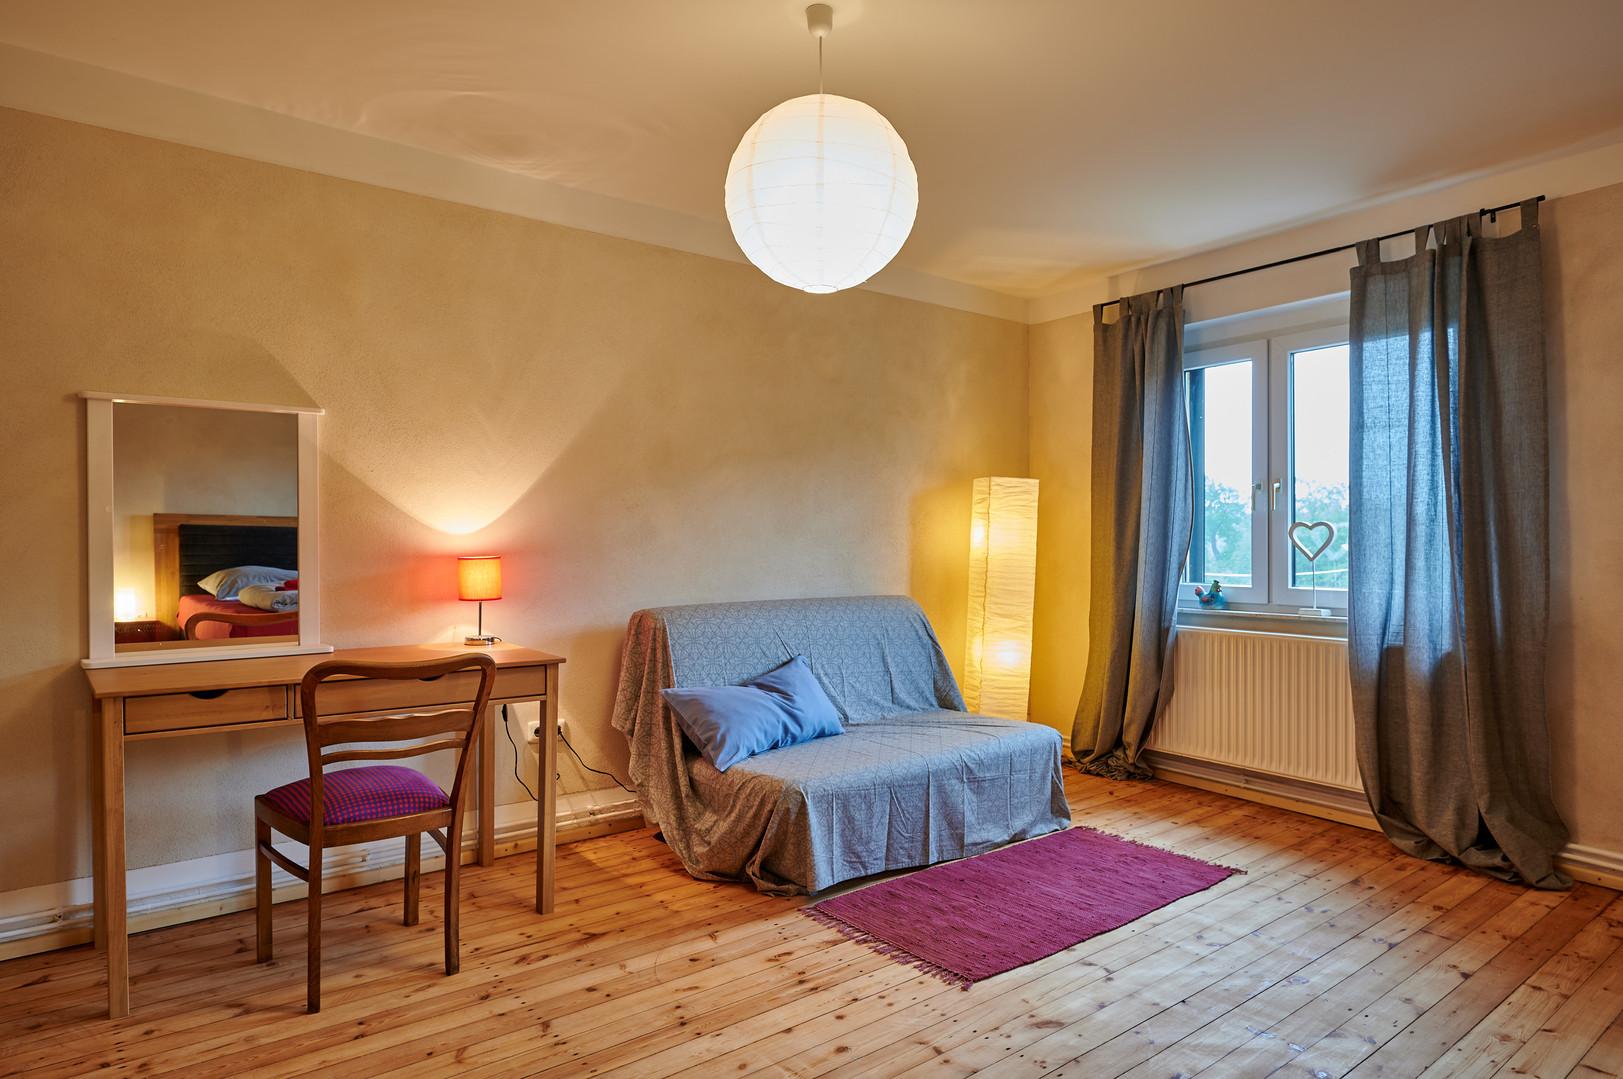 Schlafzimmer mit Saaleblick.JPG